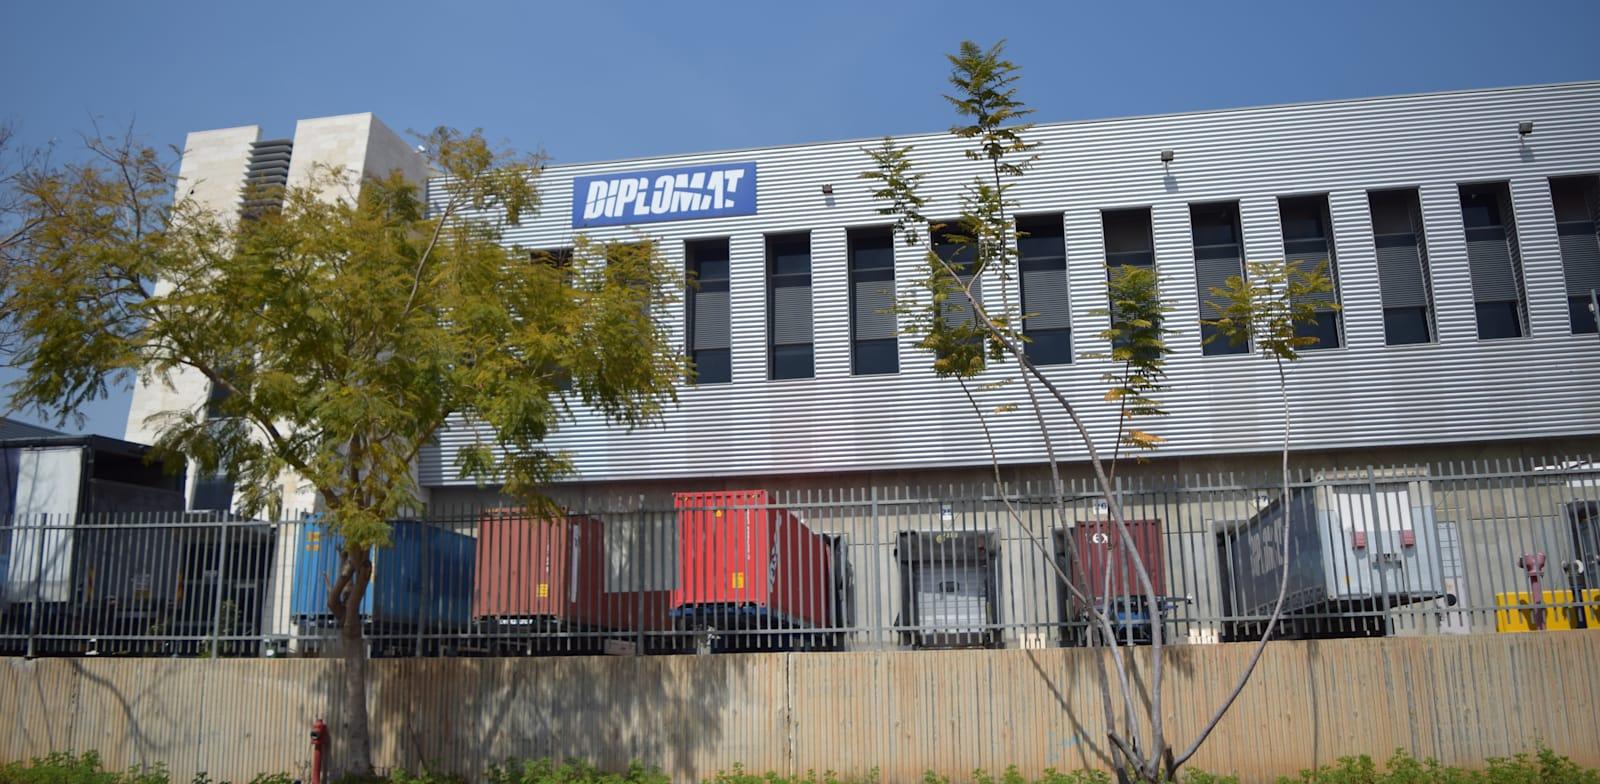 מרכז לוגיסטי של חברת דיפלומט באיירפורט סיטי / צילום: בר - אל